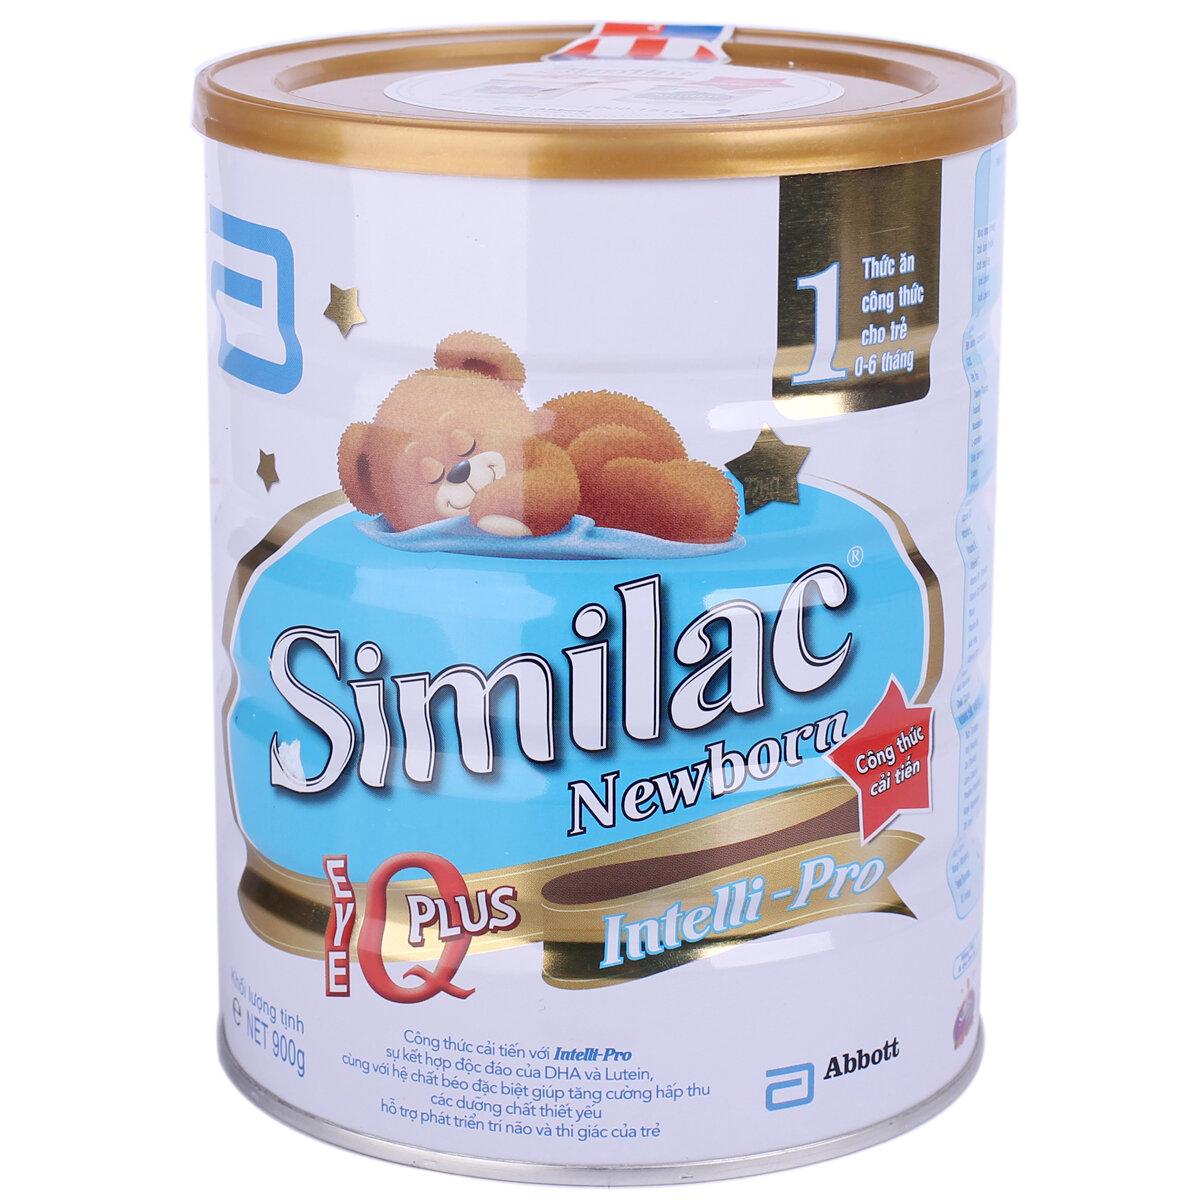 Sữa Similac Newborn sự khởi đầu cho bé yêu nhà bạn